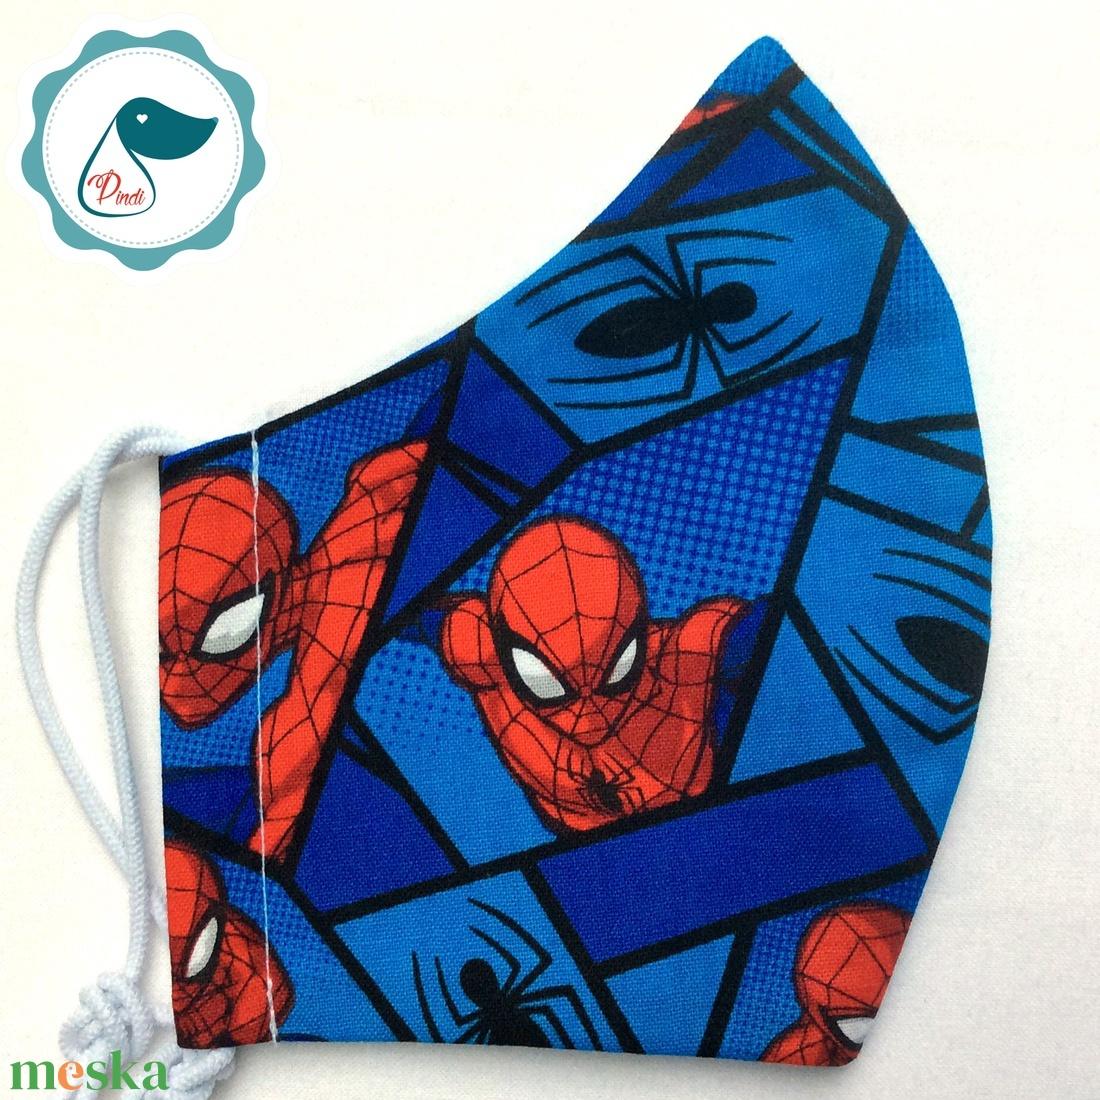 Egyedi pókember mintás maszk- kiskamasz  marvel arcmaszk - textil szájmaszk - egészségügyi szájmaszk - mosható szájmaszk - maszk, arcmaszk - gyerek - Meska.hu